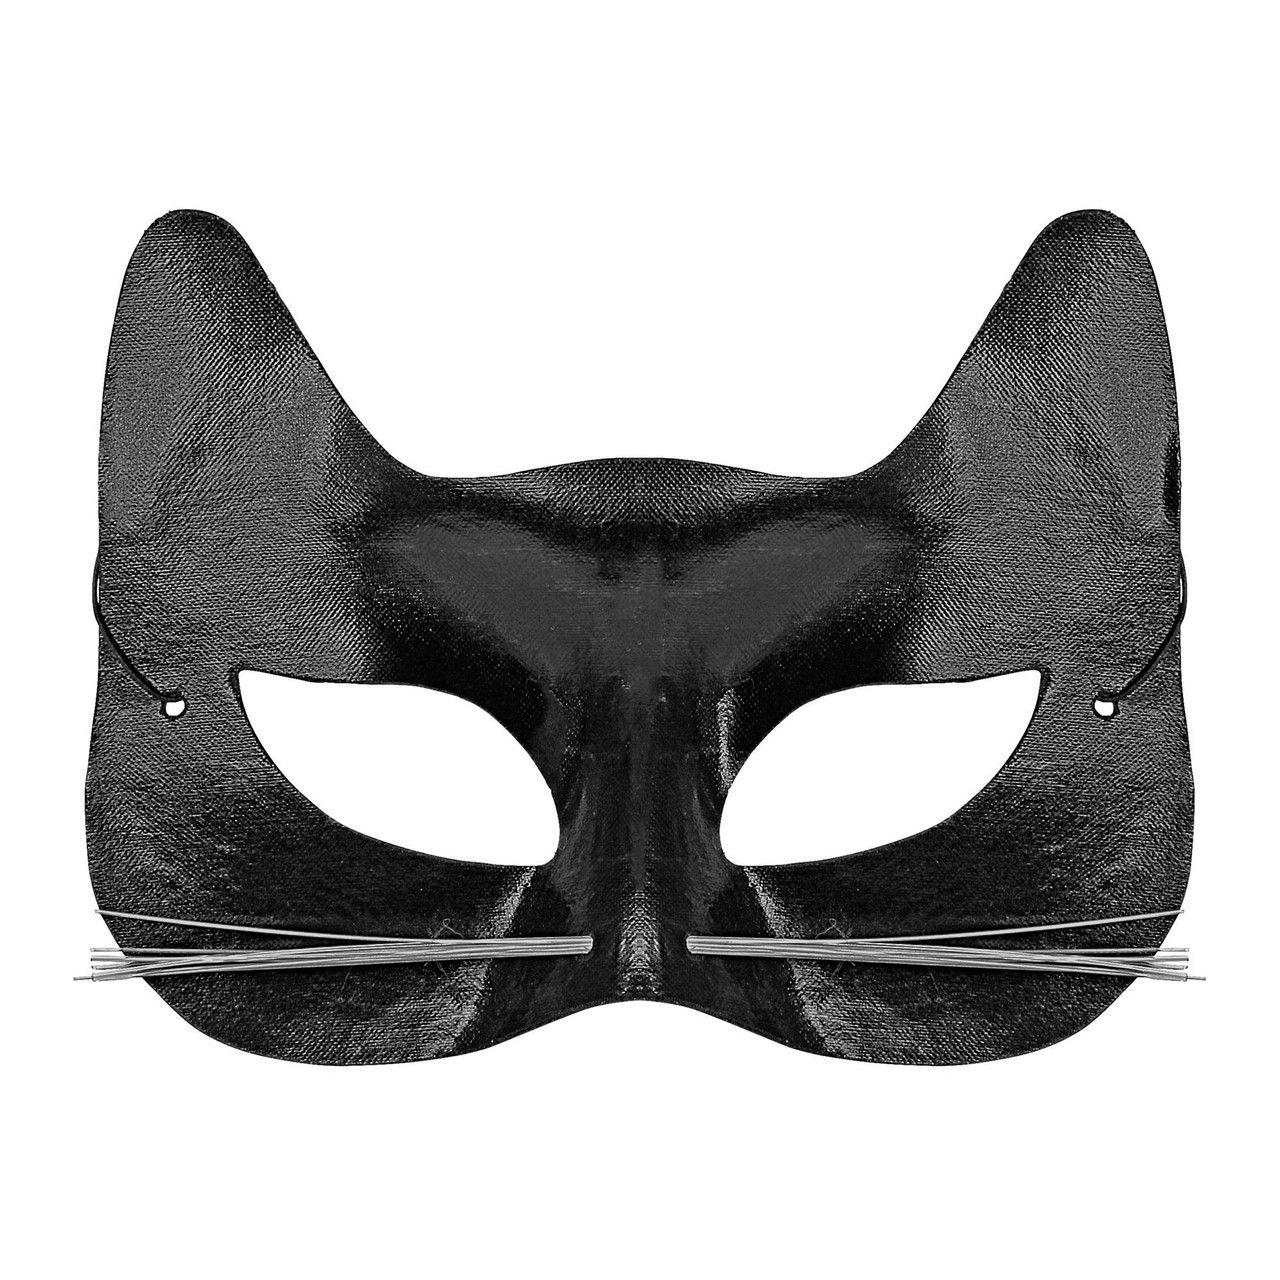 Oogmasker Zwarte Kat Met Snorharen